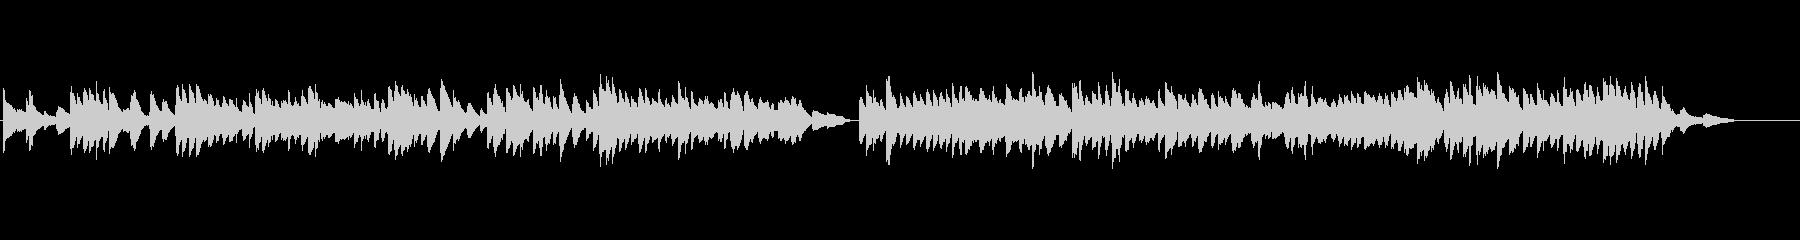 ゴルトベルク変奏曲(第2変奏)の未再生の波形